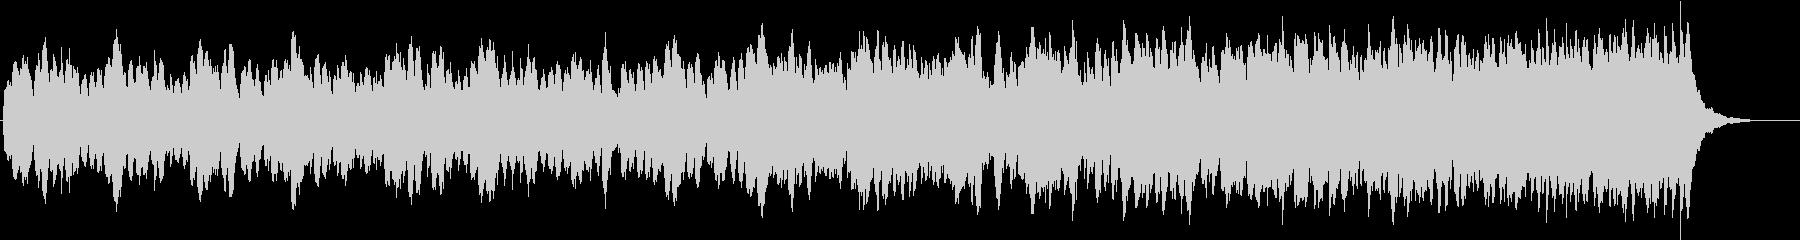 明るく広がりのあるピアノ 映像、CM等の未再生の波形